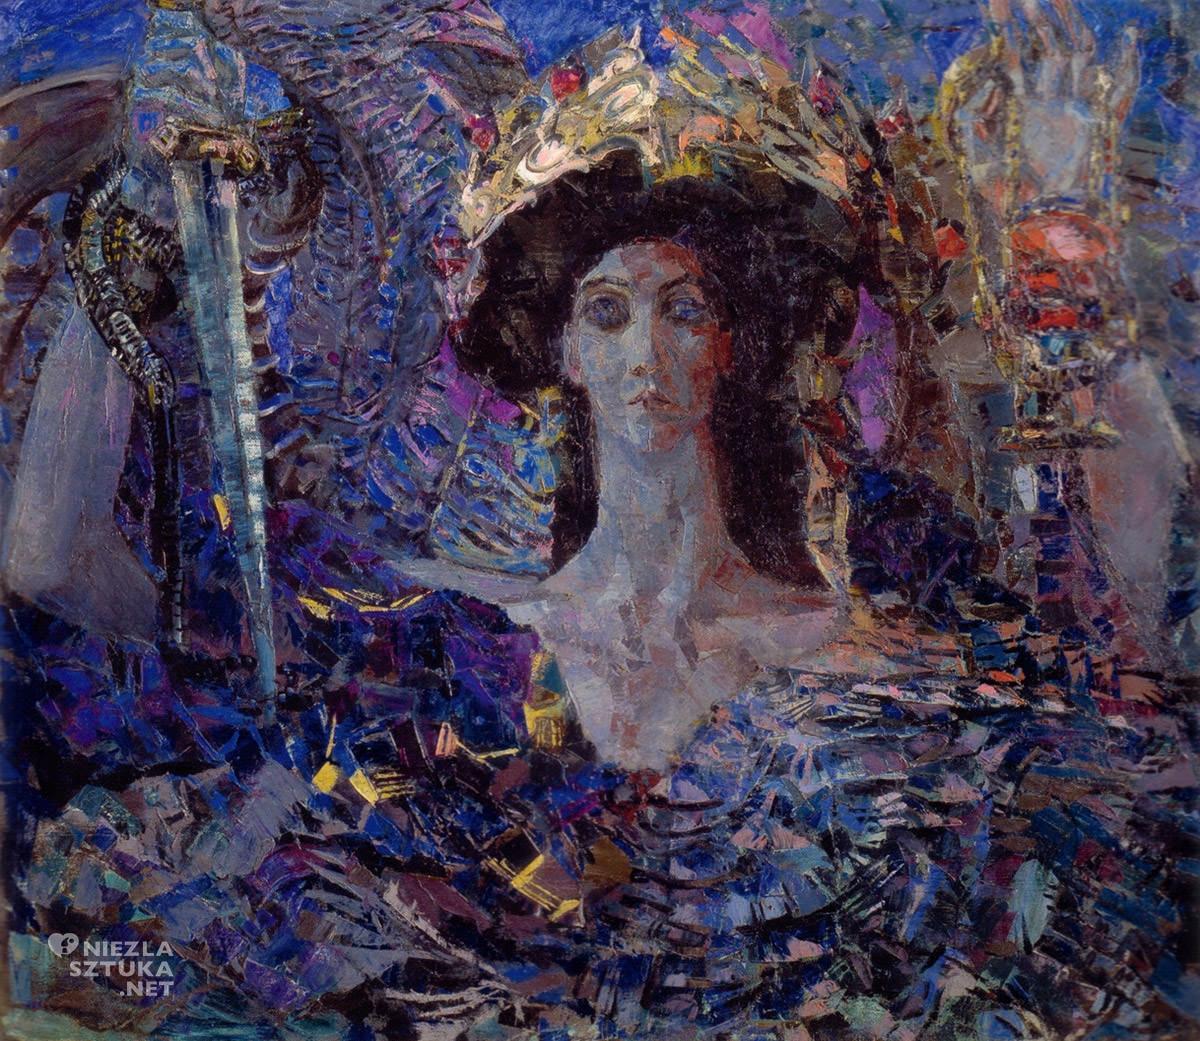 Michaił Wrubel, Serafin o sześciu skrzydłach, sztuka rosyjska, Niezła Sztuk